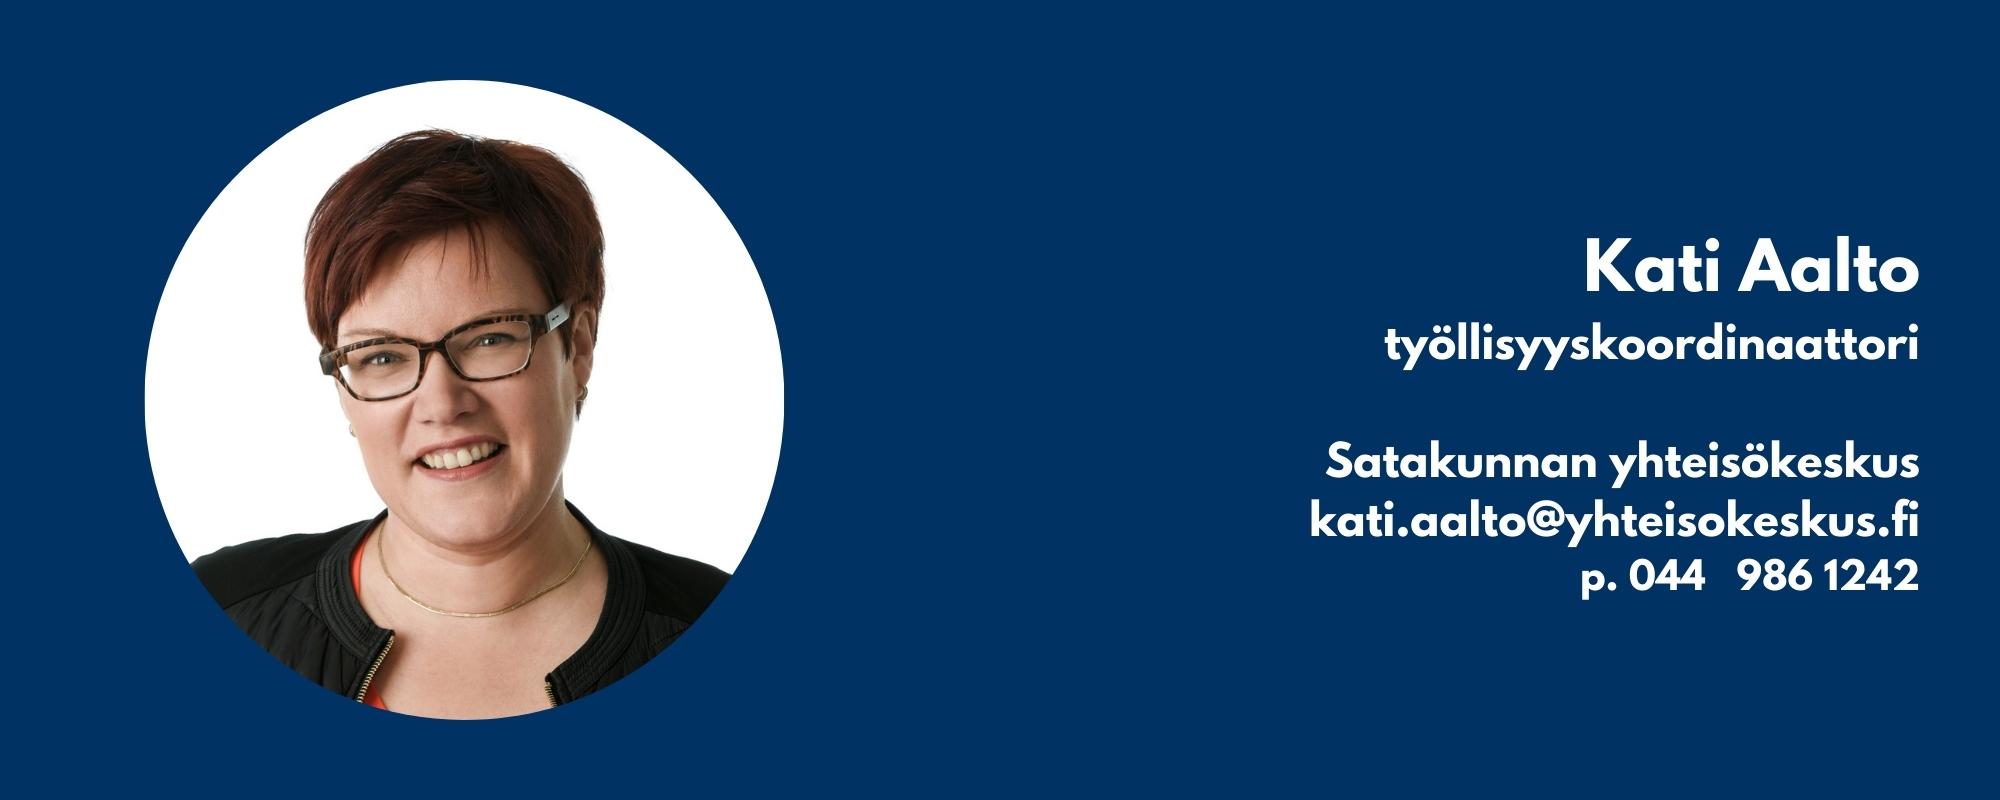 Kati Aalto käyntikortti